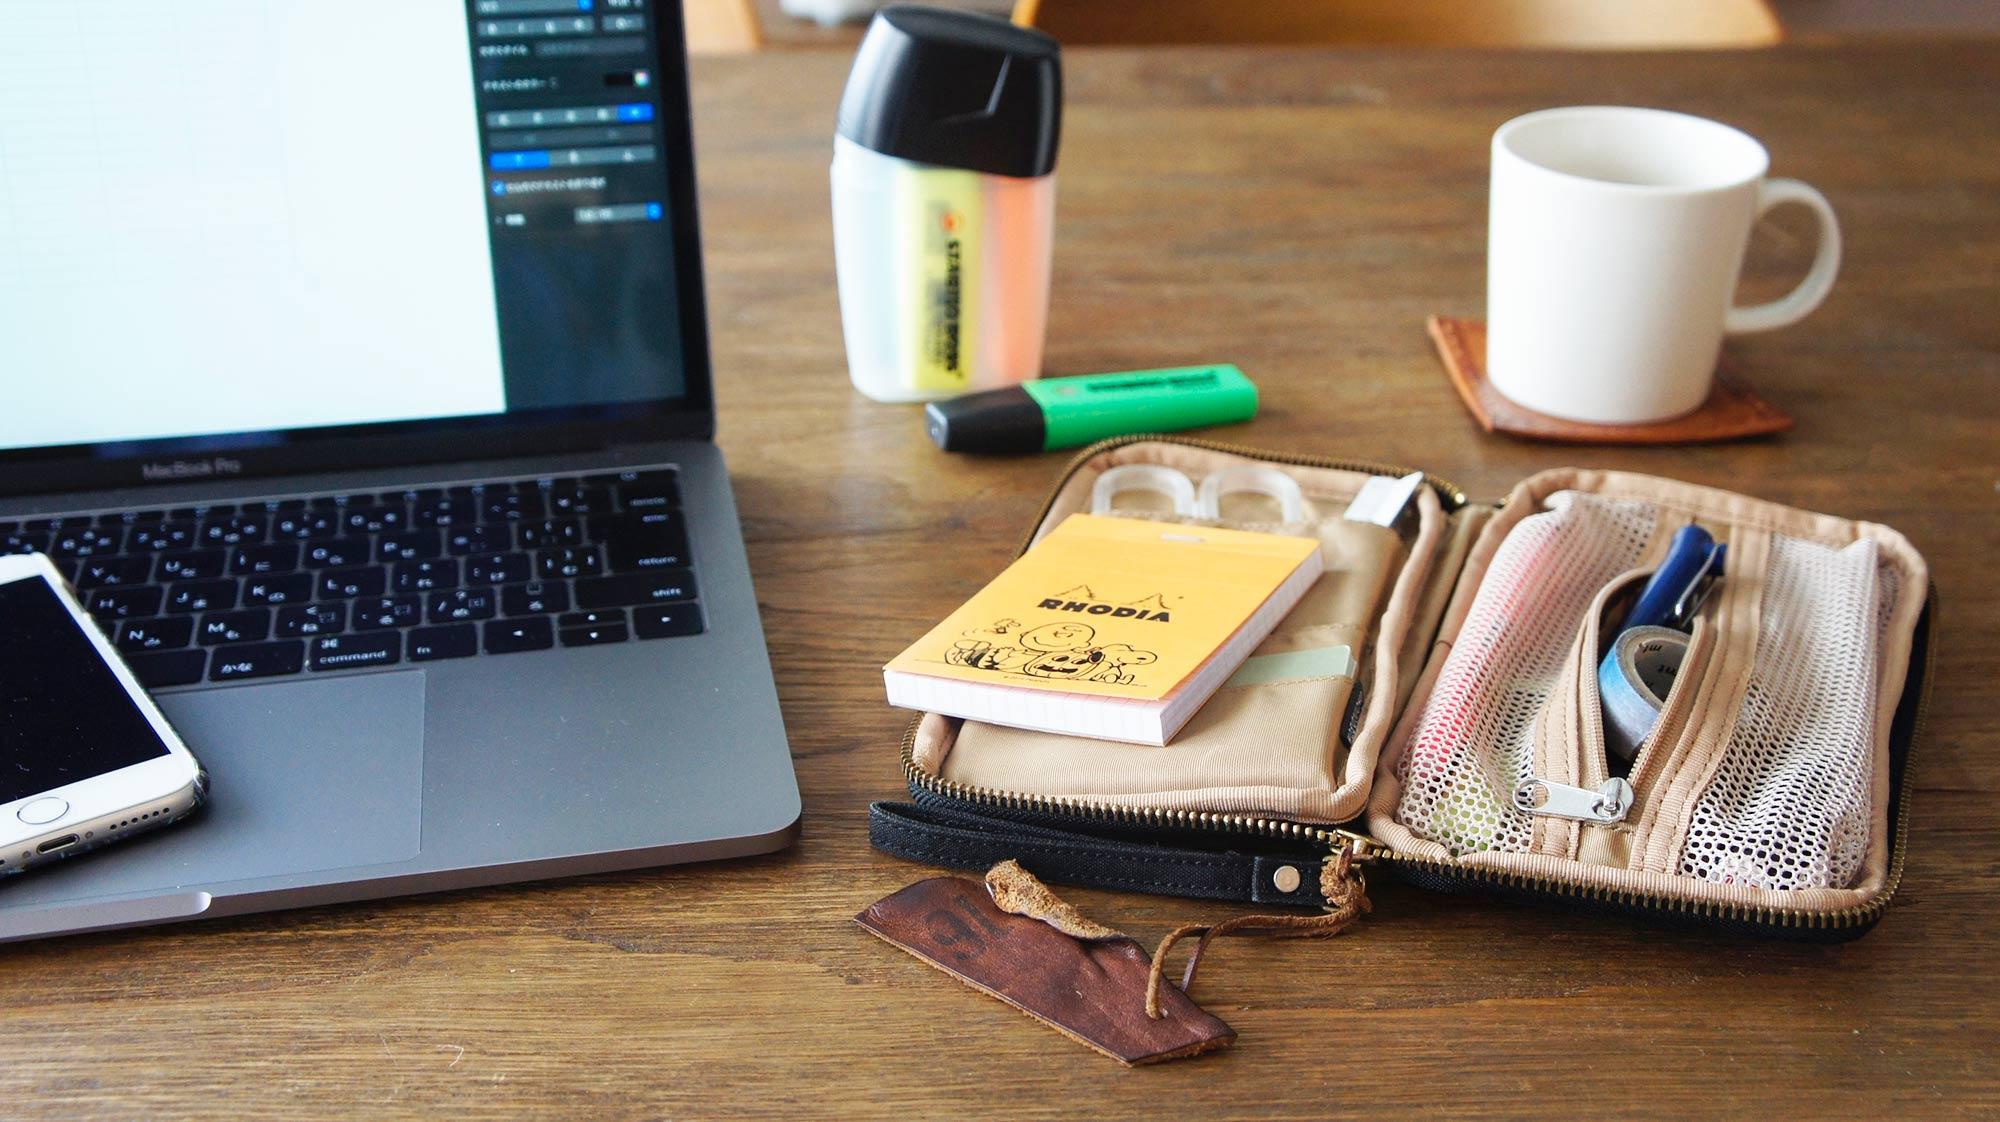 ほかにも、ペンや付箋などの文房具を一気にしまえる「ちいさなひきだしポーチ」も強い味方に。ワンルームなどでデスクスペースをとれていない方は、このような収納グッズを使うことで、デスク周りのオン・オフをしっかり切り分けることができますね。(このお部屋をもっと見る)